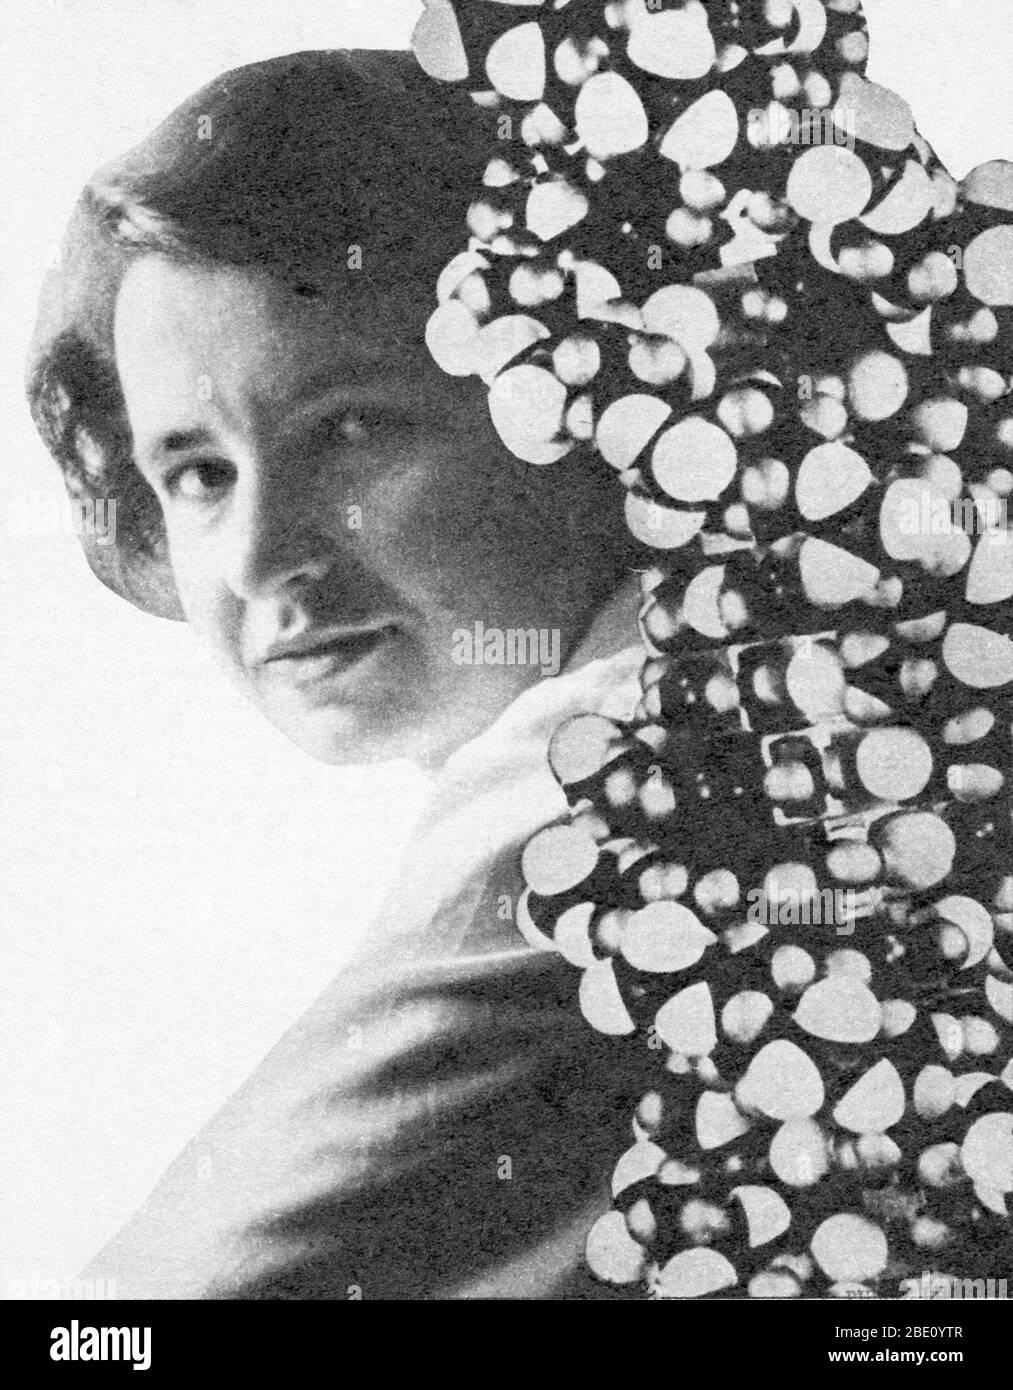 Rosalind Franklin. Portrait de Rosalind Franklin (1920-58), cristallographe britannique des rayons X. Son travail de production d'images radiographiques de l'ADN (acide désoxyribonucléique) a été crucial dans la découverte de la structure de l'ADN par James Watson et Francis Crick. Franklin a obtenu son diplôme de Cambridge en 1942 et a mené des recherches au Royaume-Uni et à Paris jusqu'en 1950. Elle est retournée au King's College, à Londres, pour travailler sur la structure de l'ADN à l'aide de la cristallographie aux rayons X. Ses images de rayons X de cristaux d'ADN étaient de la plus haute qualité, et elle a reconnu un certain nombre d'éléments de la structure de l'ADN. C'était cependant Watson et CRIC Banque D'Images